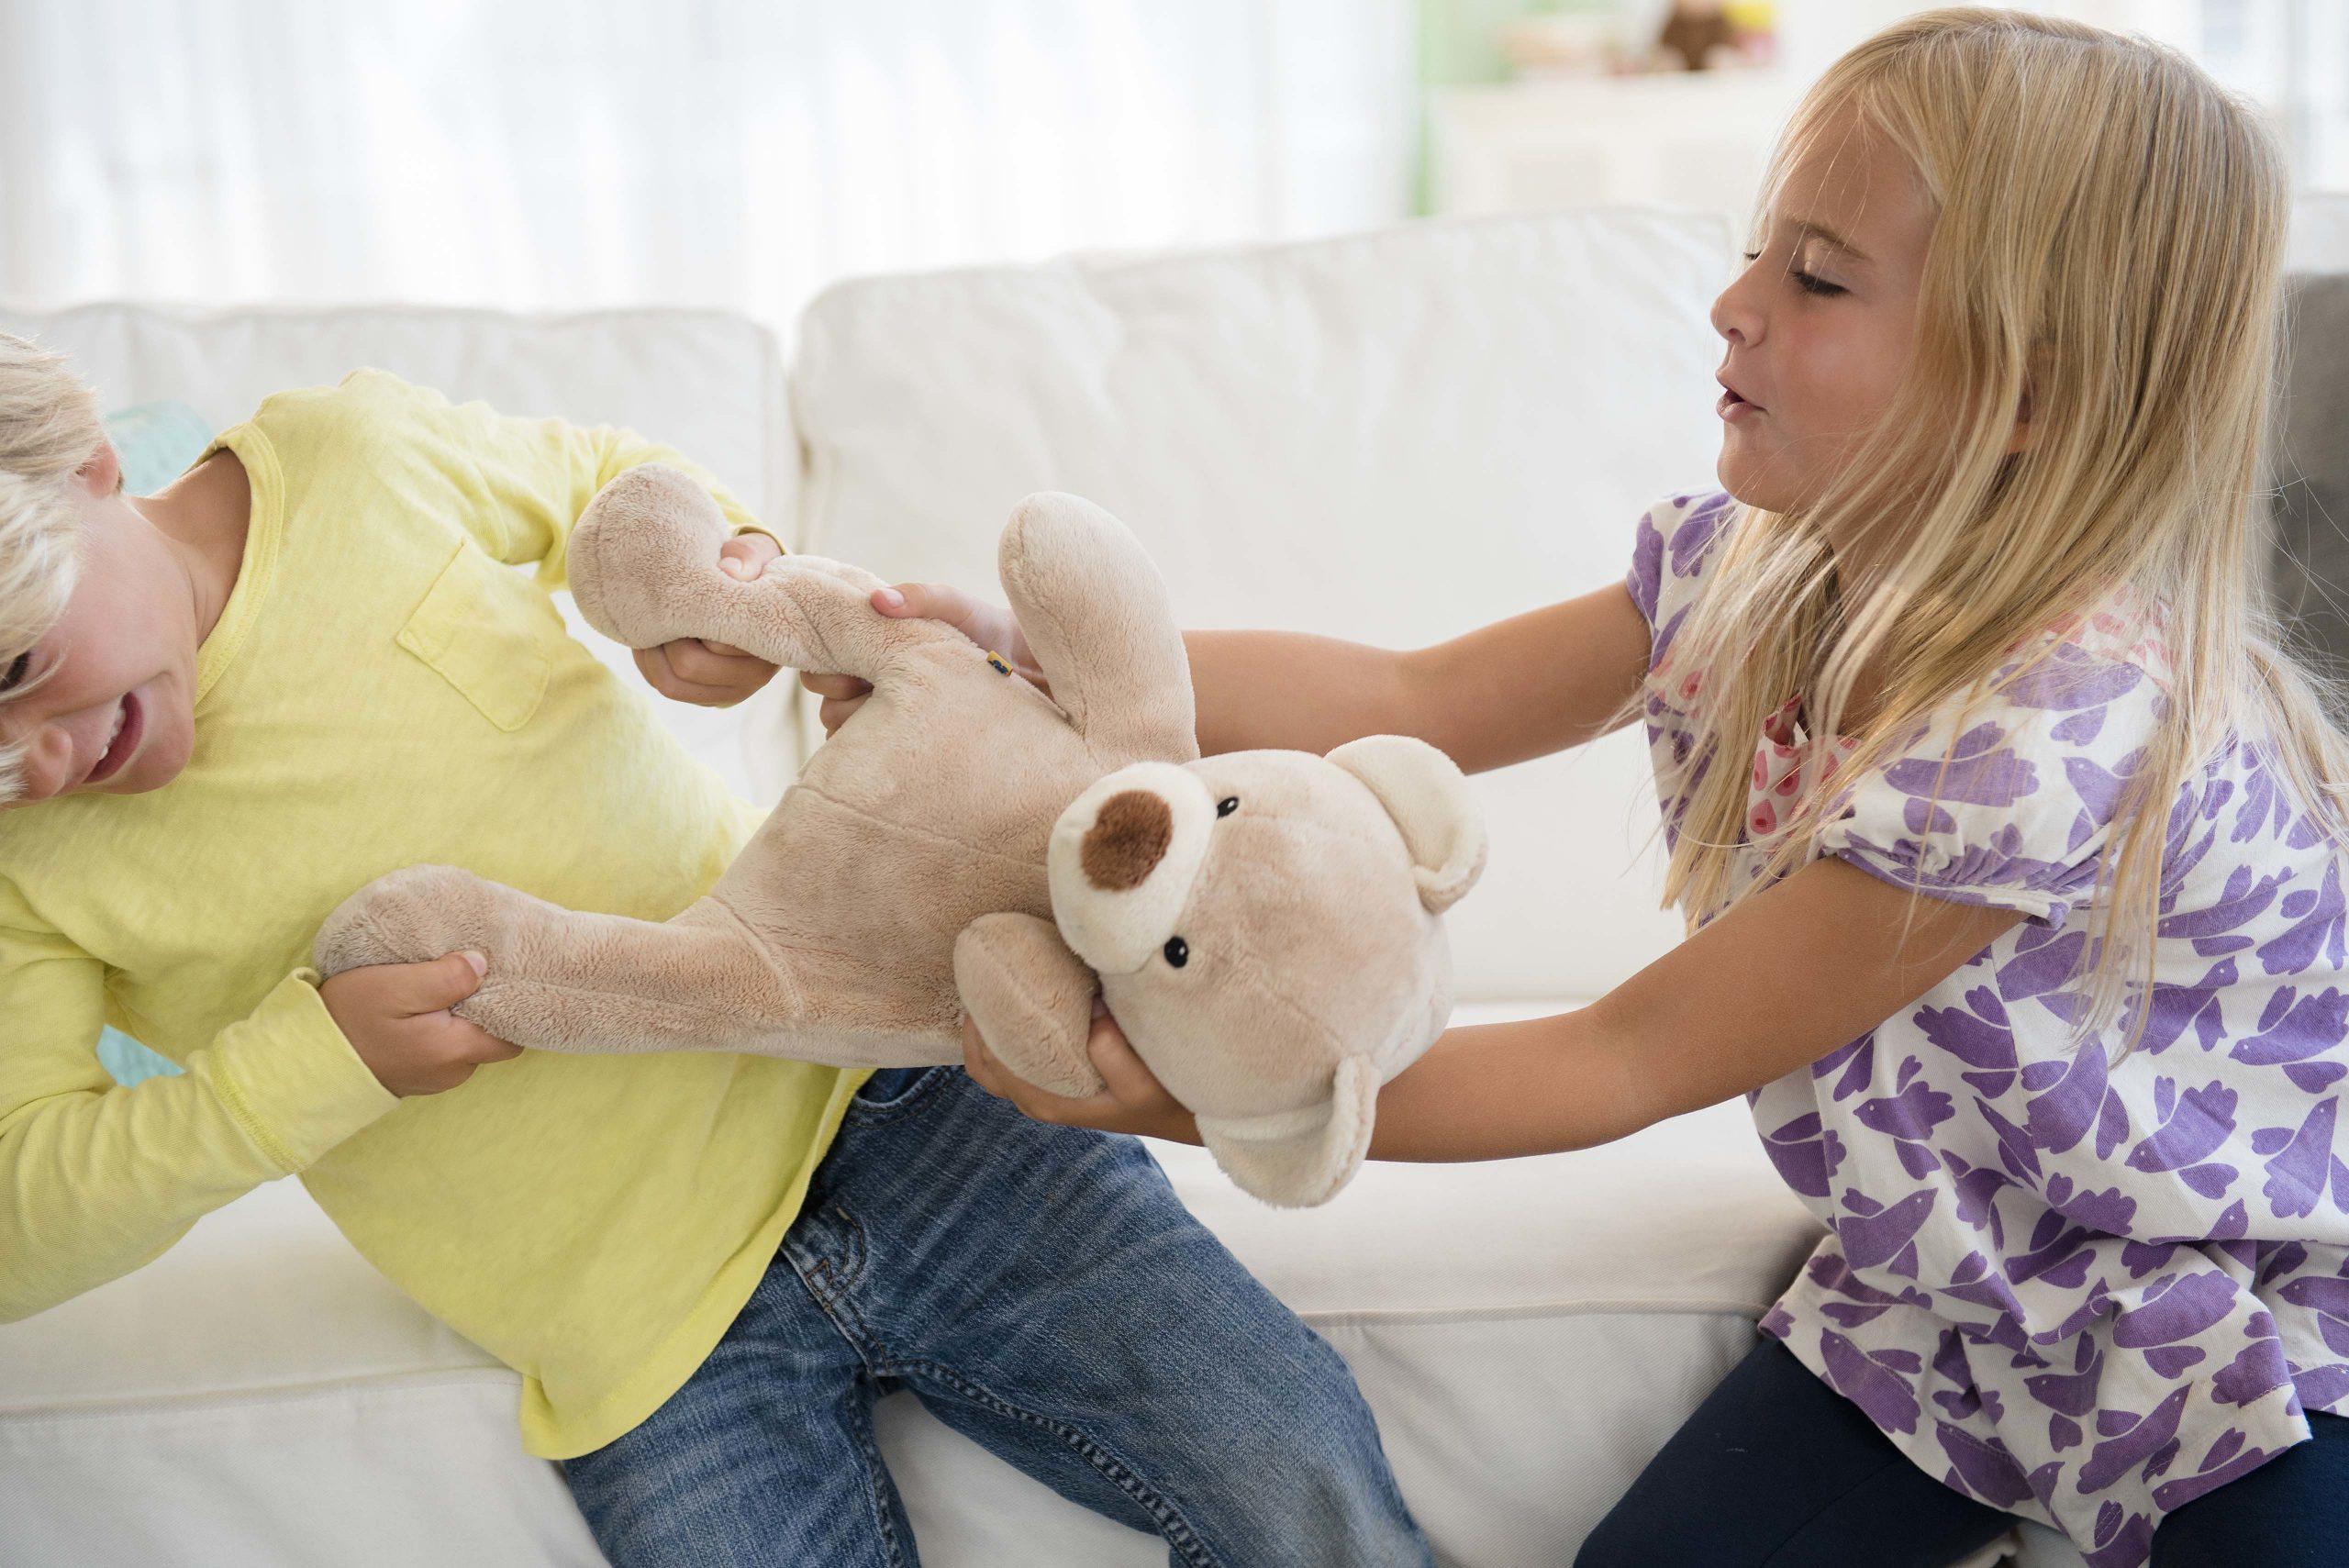 Oft sind es Kleinigkeit, um die sich Geschwister heftig streiten.